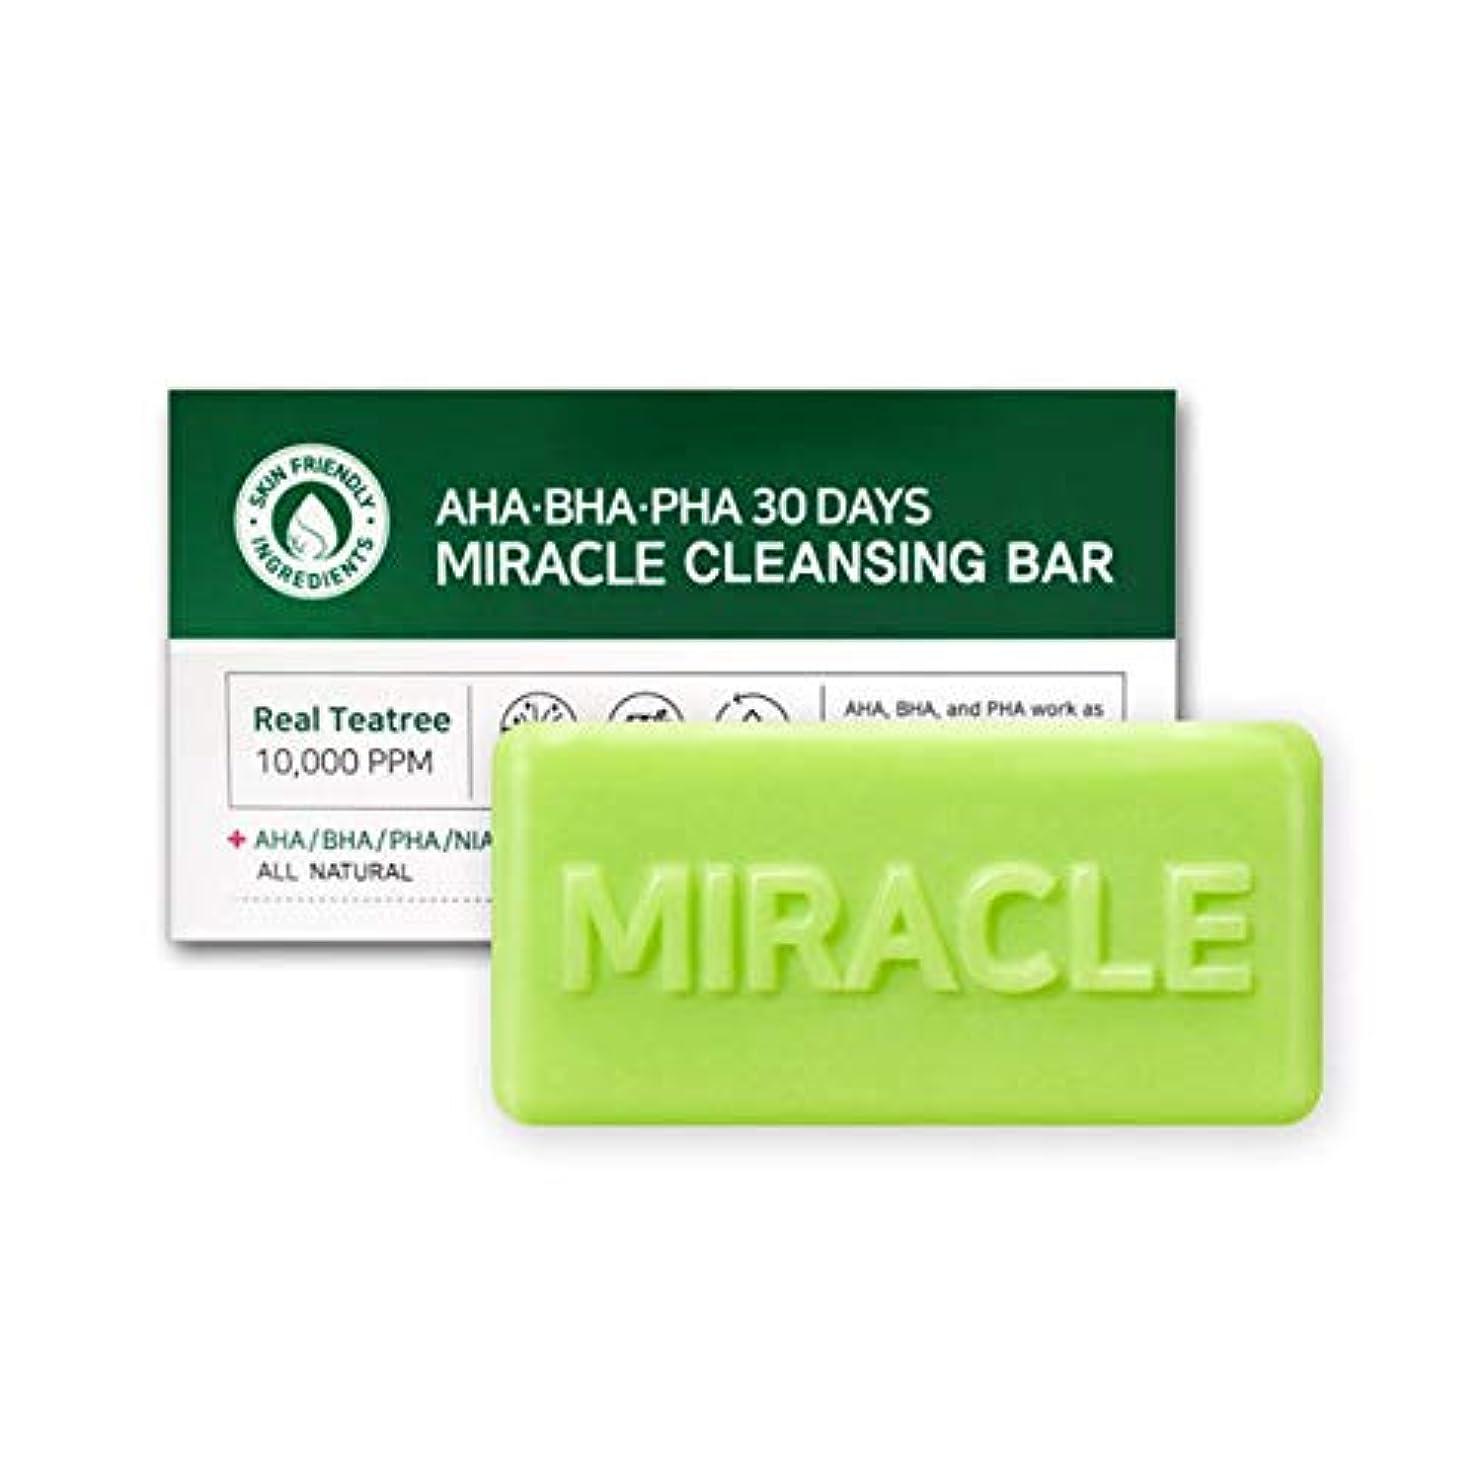 チャーター報復ベリー[SOME BY MI/サムバイミー] AHA BHA PHA 30Days Miracle Cleansing Bar 95g/AHA BHA PHA 30デイズ ミラクル 洗顔 石けん 95g [並行輸入品]